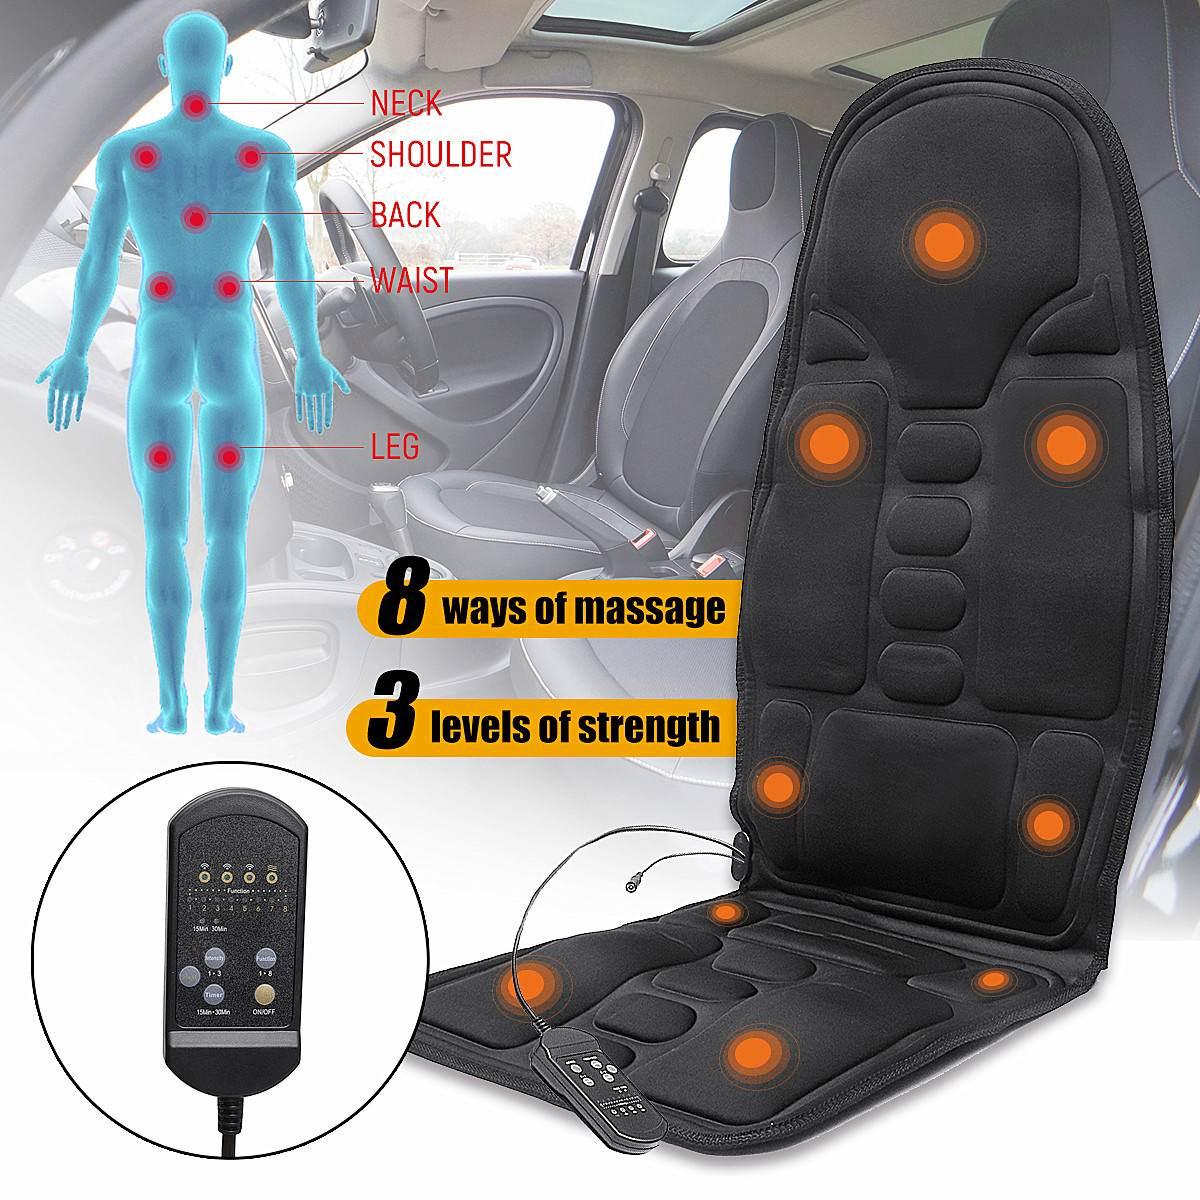 Mulifunction elétrico voltar massagem aquecida assento de carro em casa escritório almofada do assento de carro cadeira massageador lombar volta pescoço almofada relaxamento